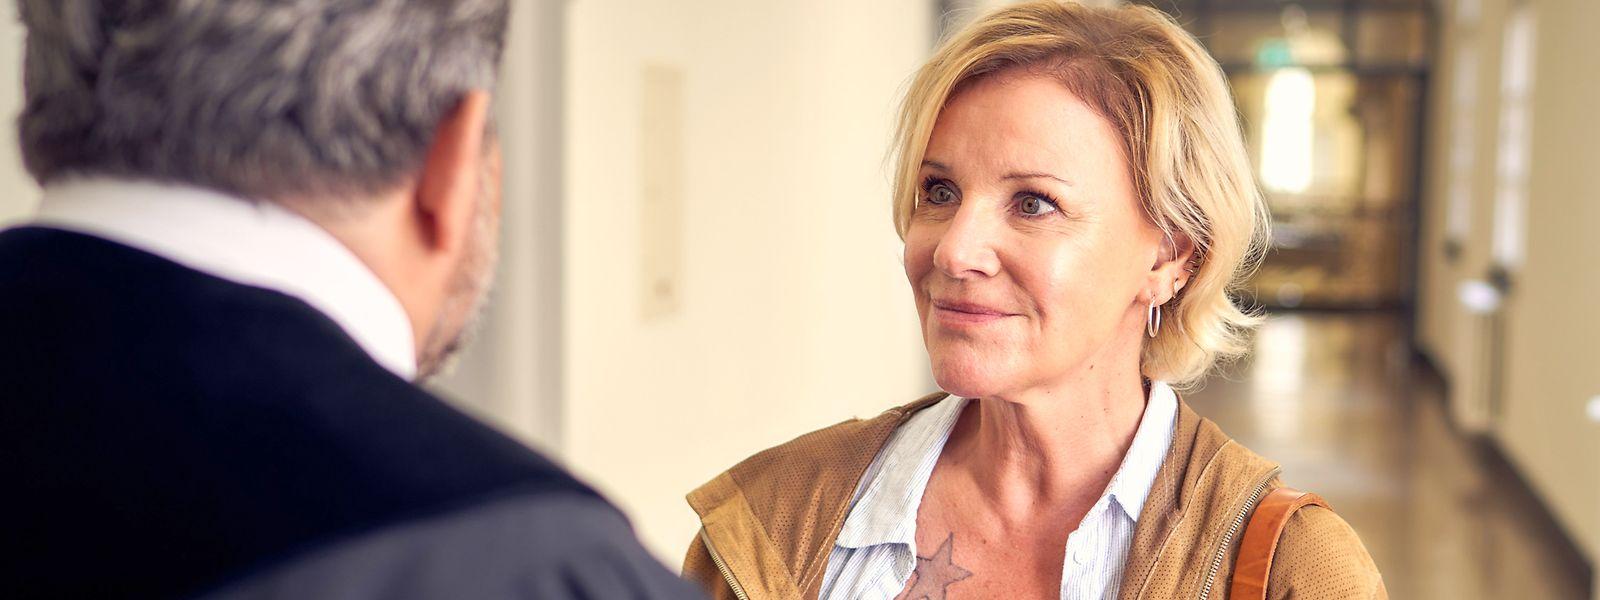 Bewährungshelferin Klara Sonntag (Mariele Millowitsch) steckt in einer Daueraffäre mit dem Richter Thomas (Bruno Canthomas).